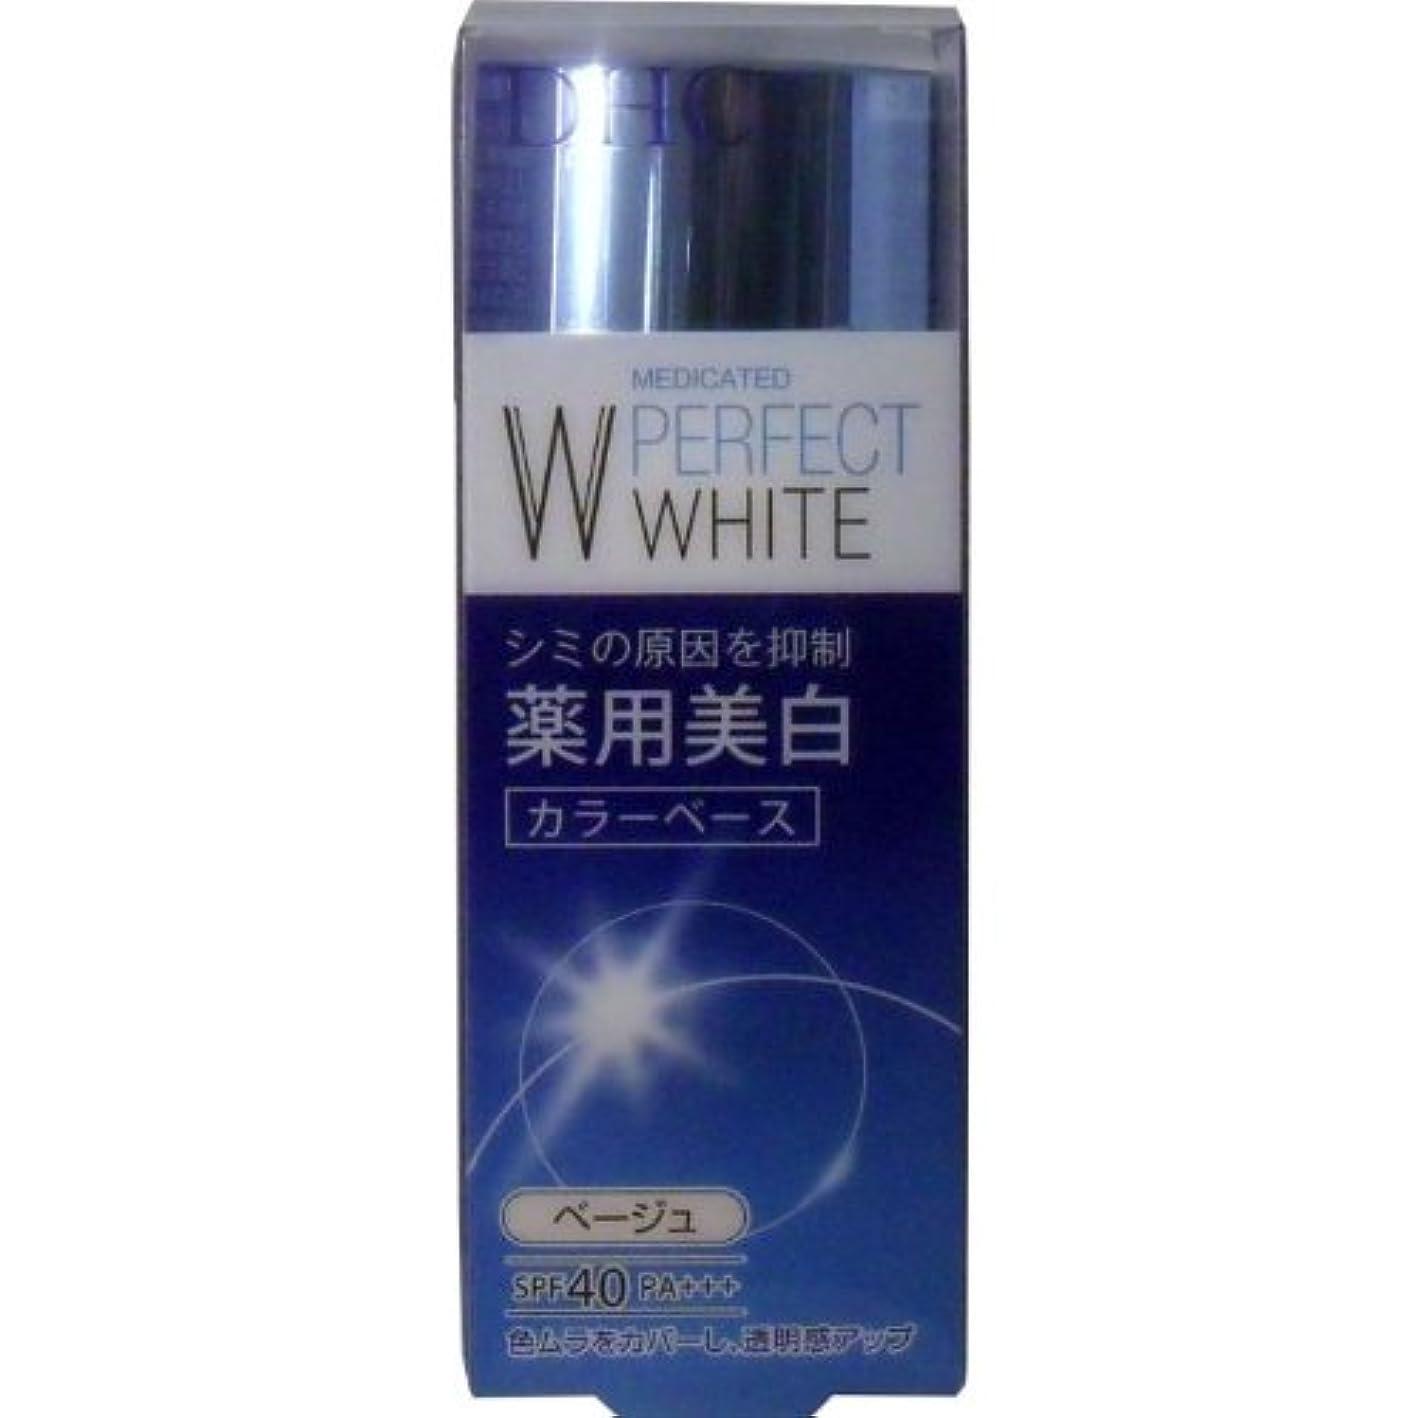 文化近所の精神DHC 薬用美白パーフェクトホワイト カラーベース ベージュ 30g